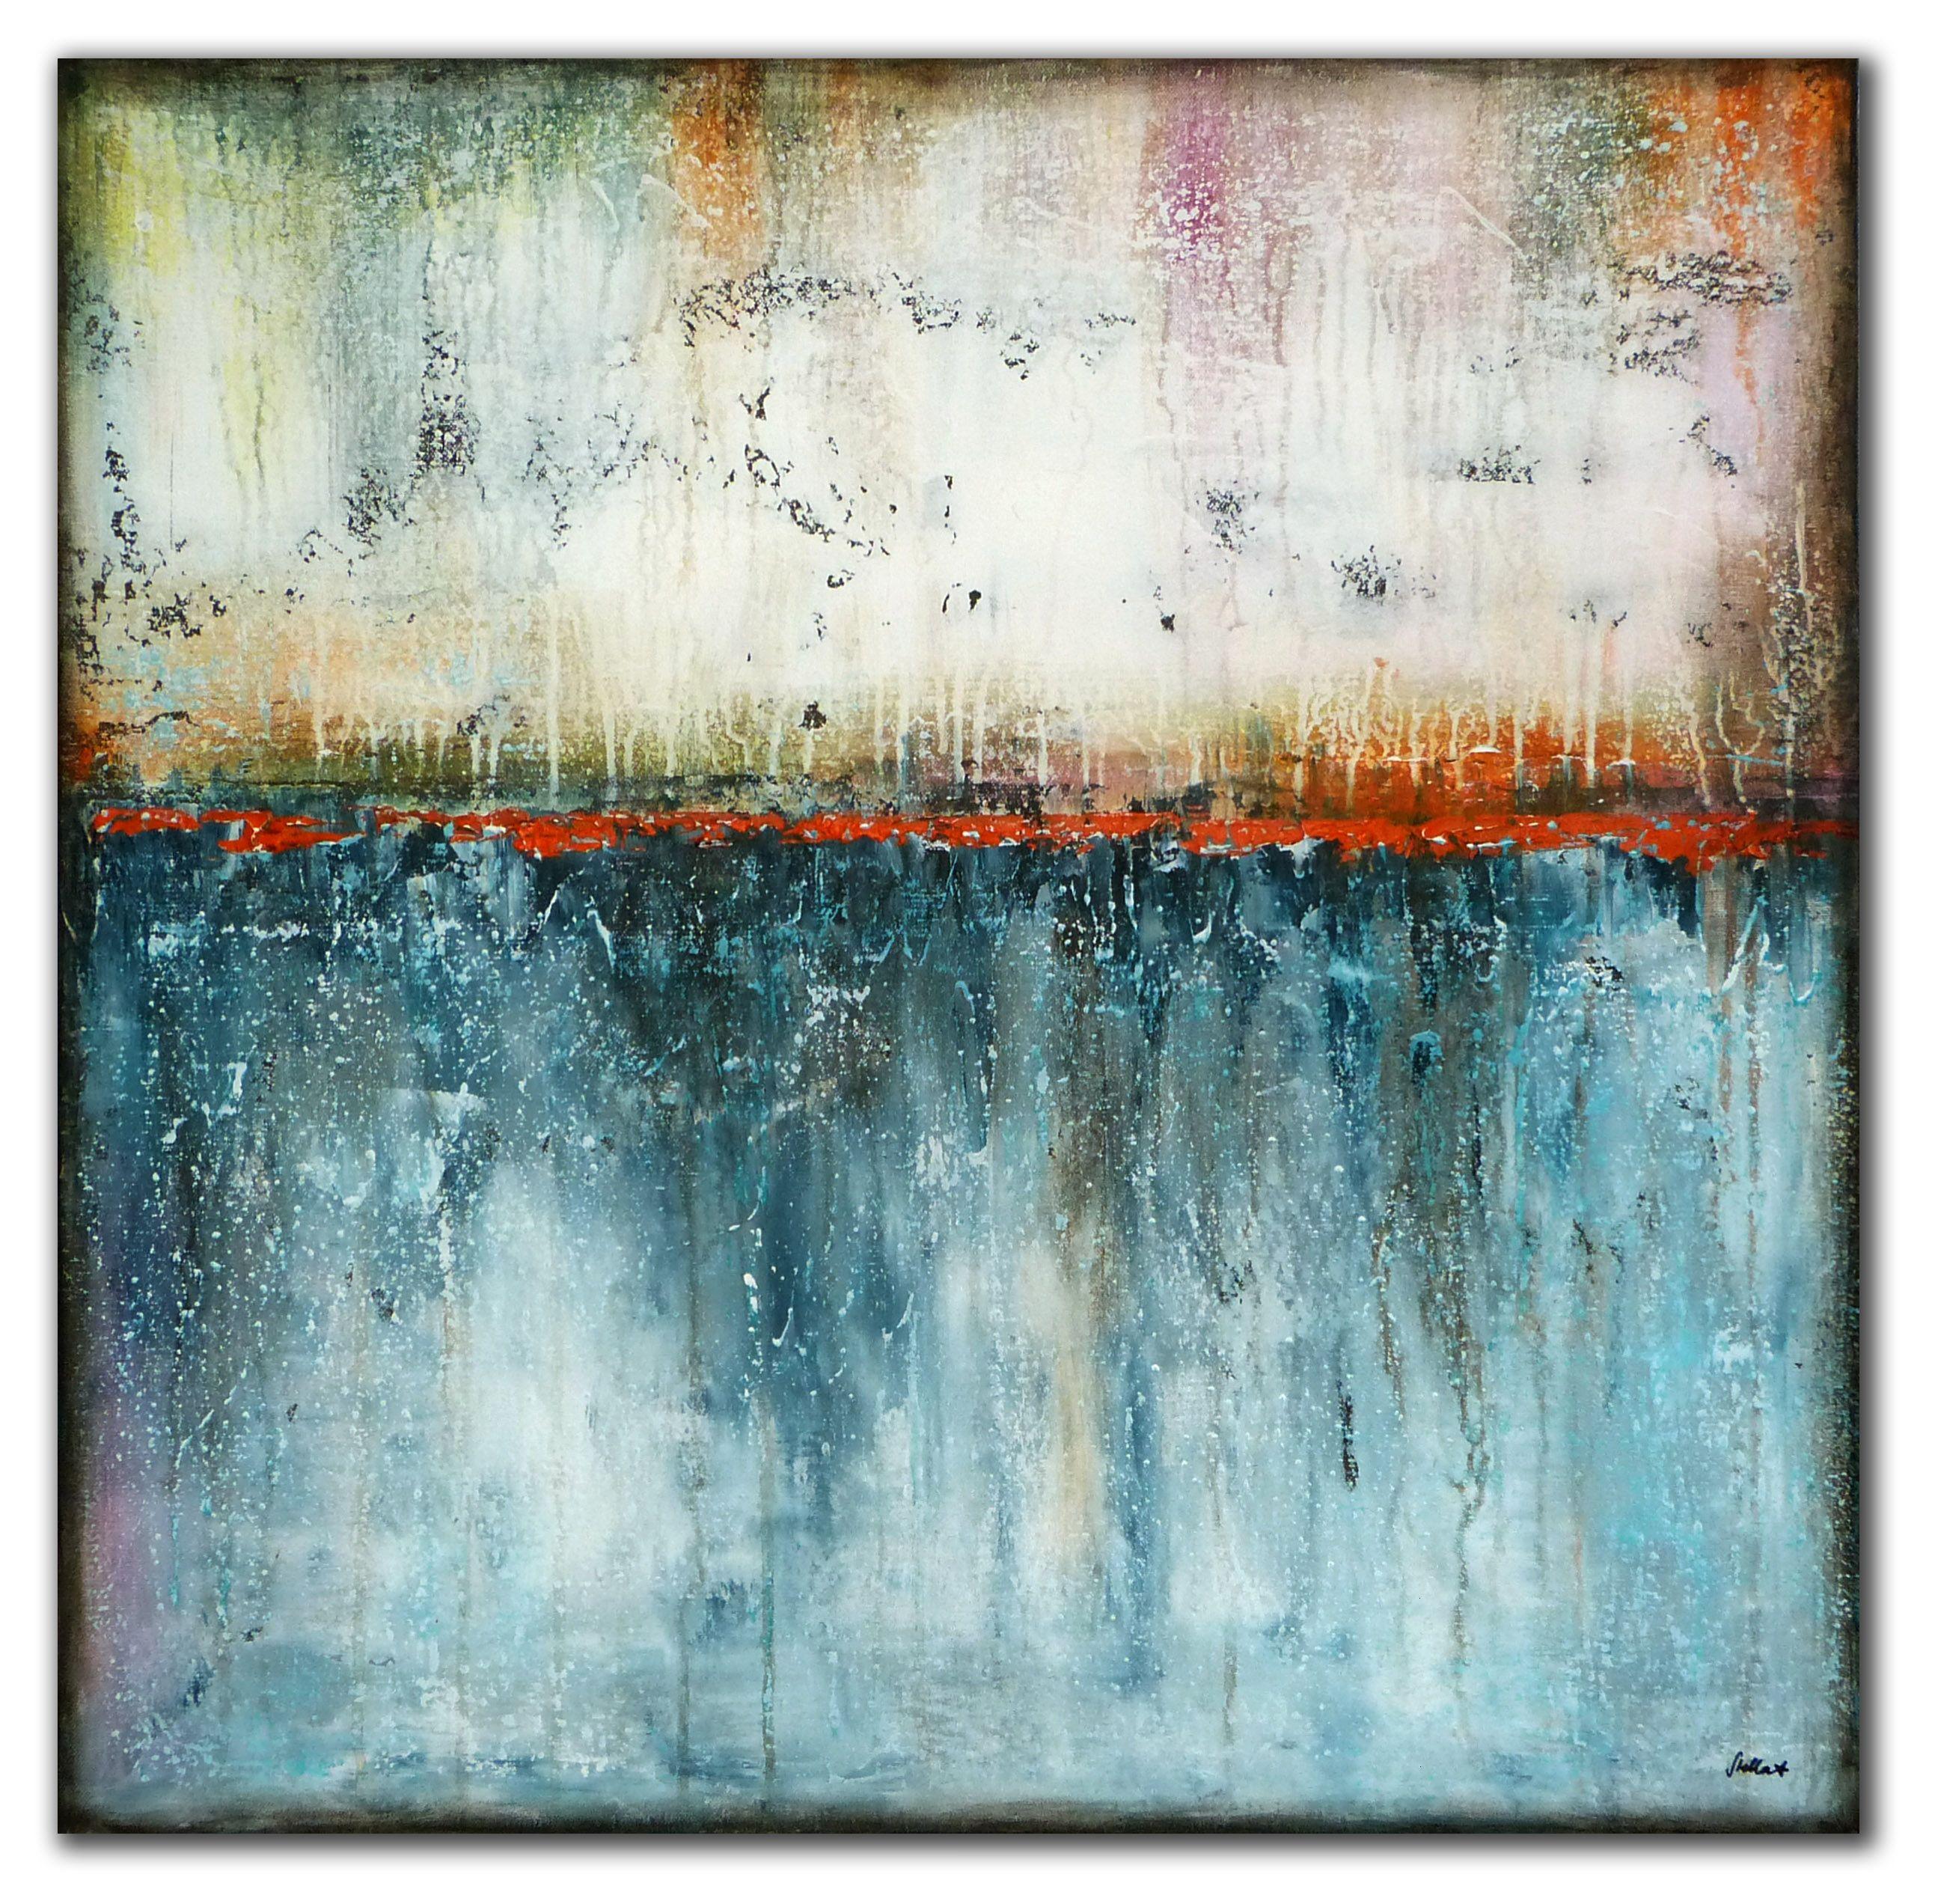 stella hettner greystone s world 60x60 cm abstrakte malerei kunst moderne künstler gemälde für wohnzimmer